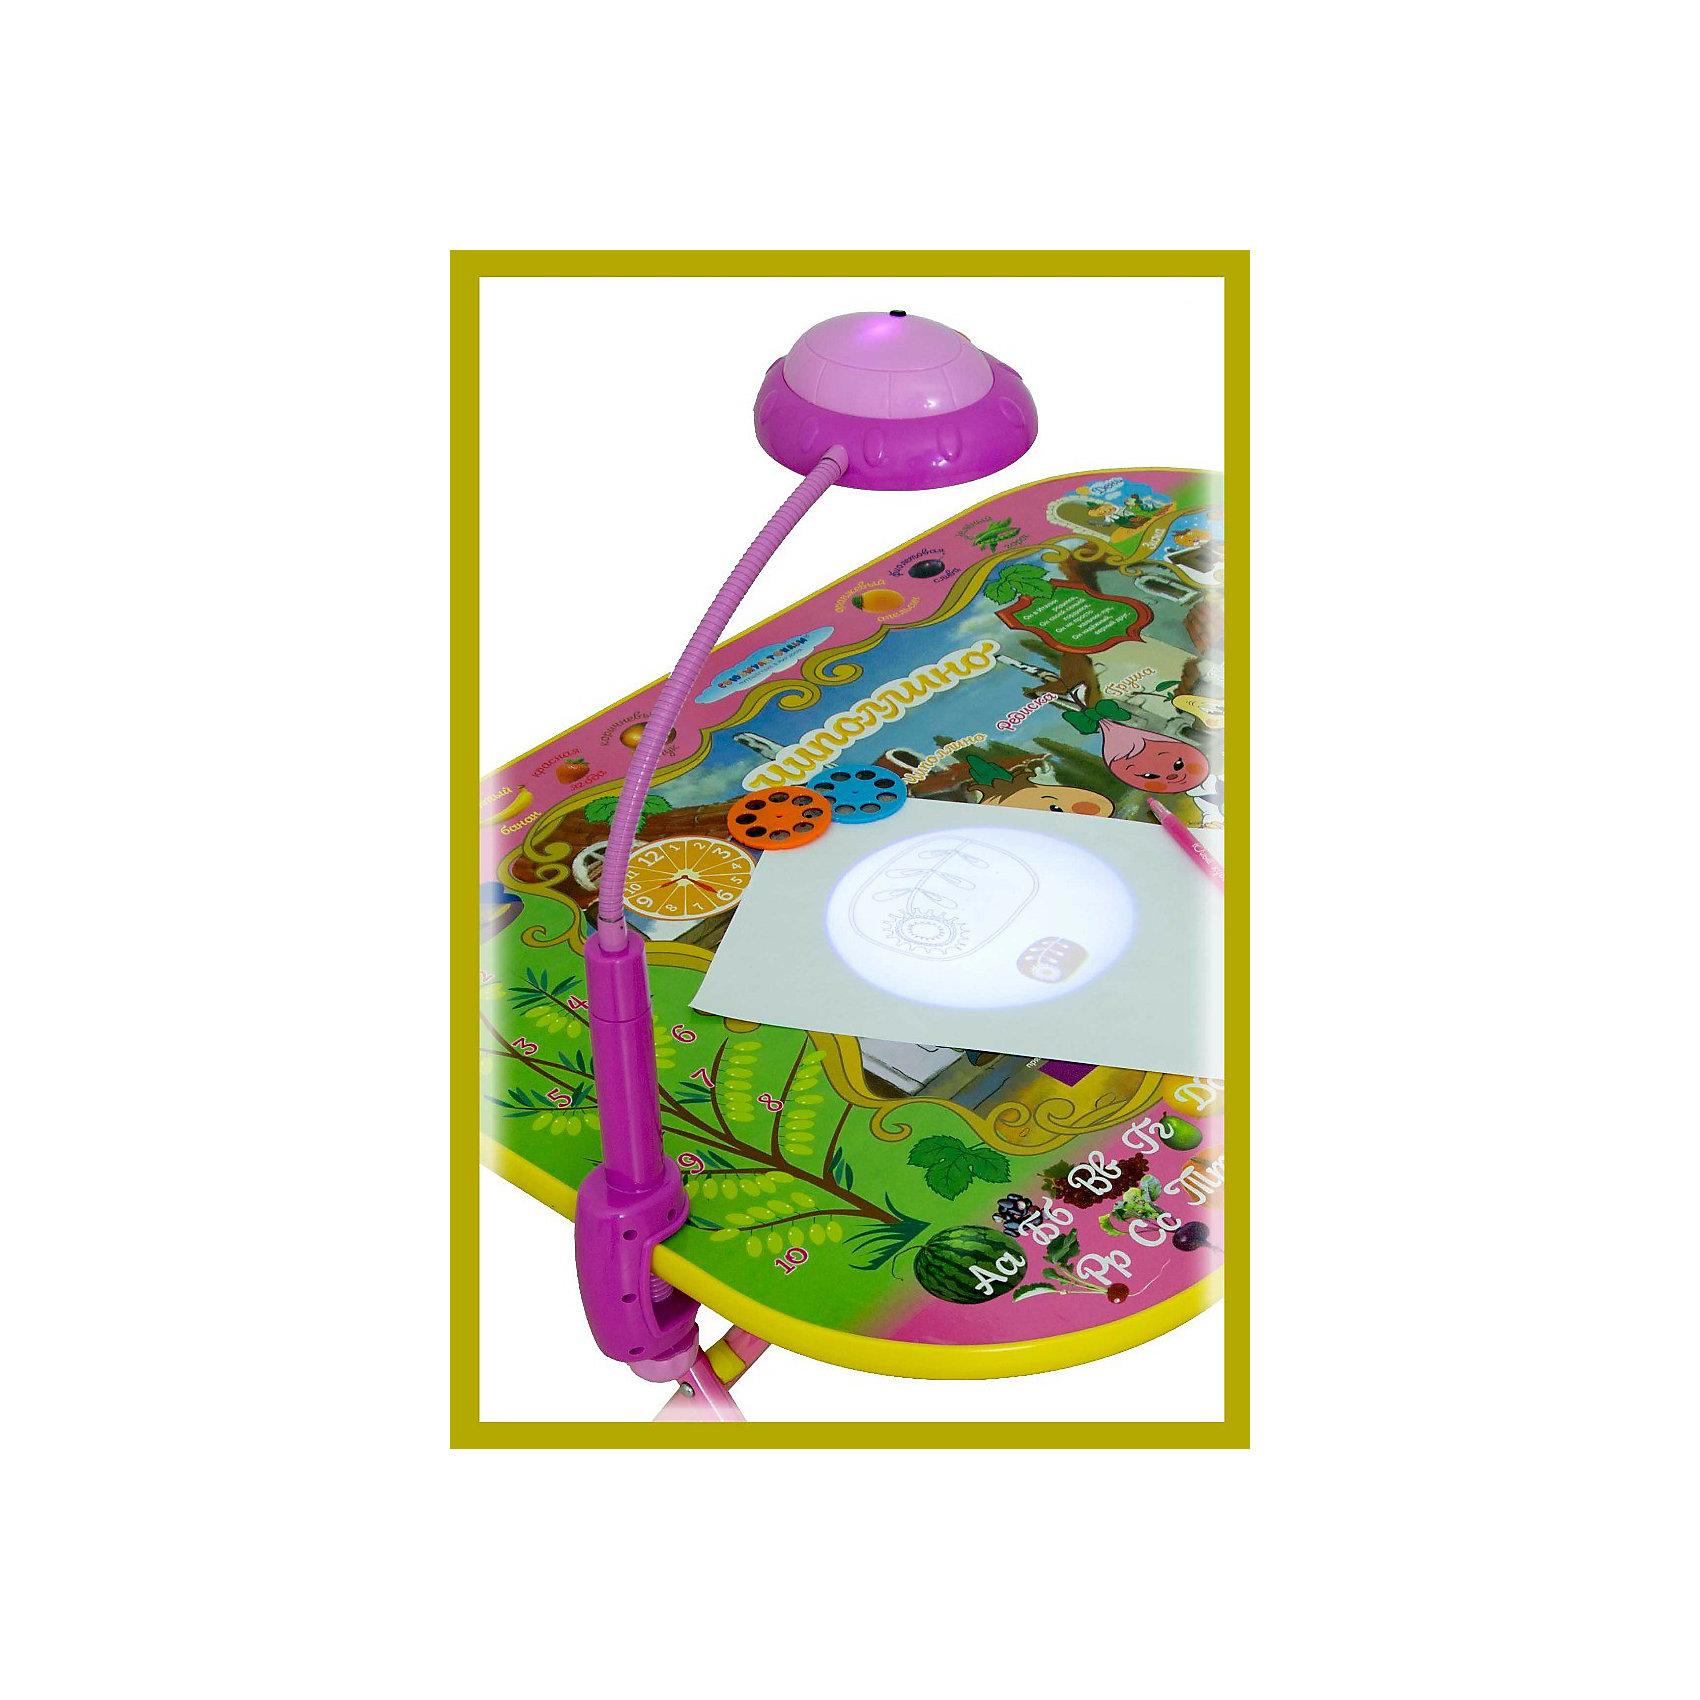 Лампа-трафарет к столу, Дэми, розовыйЛампы, ночники, фонарики<br>Погасите свет в комнате, нажмите на кнопку — и начнется волшебство! Проектор «НЛО» на подставке моментально очарует любого ребенка. Завораживающее зрелище не только улучшит настроение, но и научит интересным вещам.<br>Пользоваться прибором очень просто: в отверстие в лампе вставьте нужный диск, выберете изображение, нажмите кнопку, и проекция картинки появится на стене. <br>В набор входит три слайда с различной тематикой: черно-белые эскизы, которые можно отразить на лист бумаги, обвести по контуру и раскрасить; картинки-схемы по рисованию растений, овощей и фруктов; красочные комиксы для изучения английского языка в игровой форме.<br><br>Лампа проектор используется как светодиодный источник света, который не только может сохранить зрение вашего ребёнка, но и научить читать его на английском языке. Она  может быть использована в качестве настольной лампы и как слайд проектор.<br><br>Для работы нужны батарейки (3 шт) - приобретаются дополнительно.<br> <br>Материал: пластик и металл, элементы стекла. <br>Размер лампы: 13 х 40 х 11 см.<br>В комплекте: 1 фиксатор, 1 проекционная лампа, 1 стальная трубка,  3 слайда (по 8 изображений на каждом).<br><br>Товар сертифицирован и соответствует ГОСТ 25779-90 «О безопасности игрушек»<br><br>Ширина мм: 250<br>Глубина мм: 80<br>Высота мм: 150<br>Вес г: 300<br>Возраст от месяцев: 24<br>Возраст до месяцев: 84<br>Пол: Женский<br>Возраст: Детский<br>SKU: 3378238